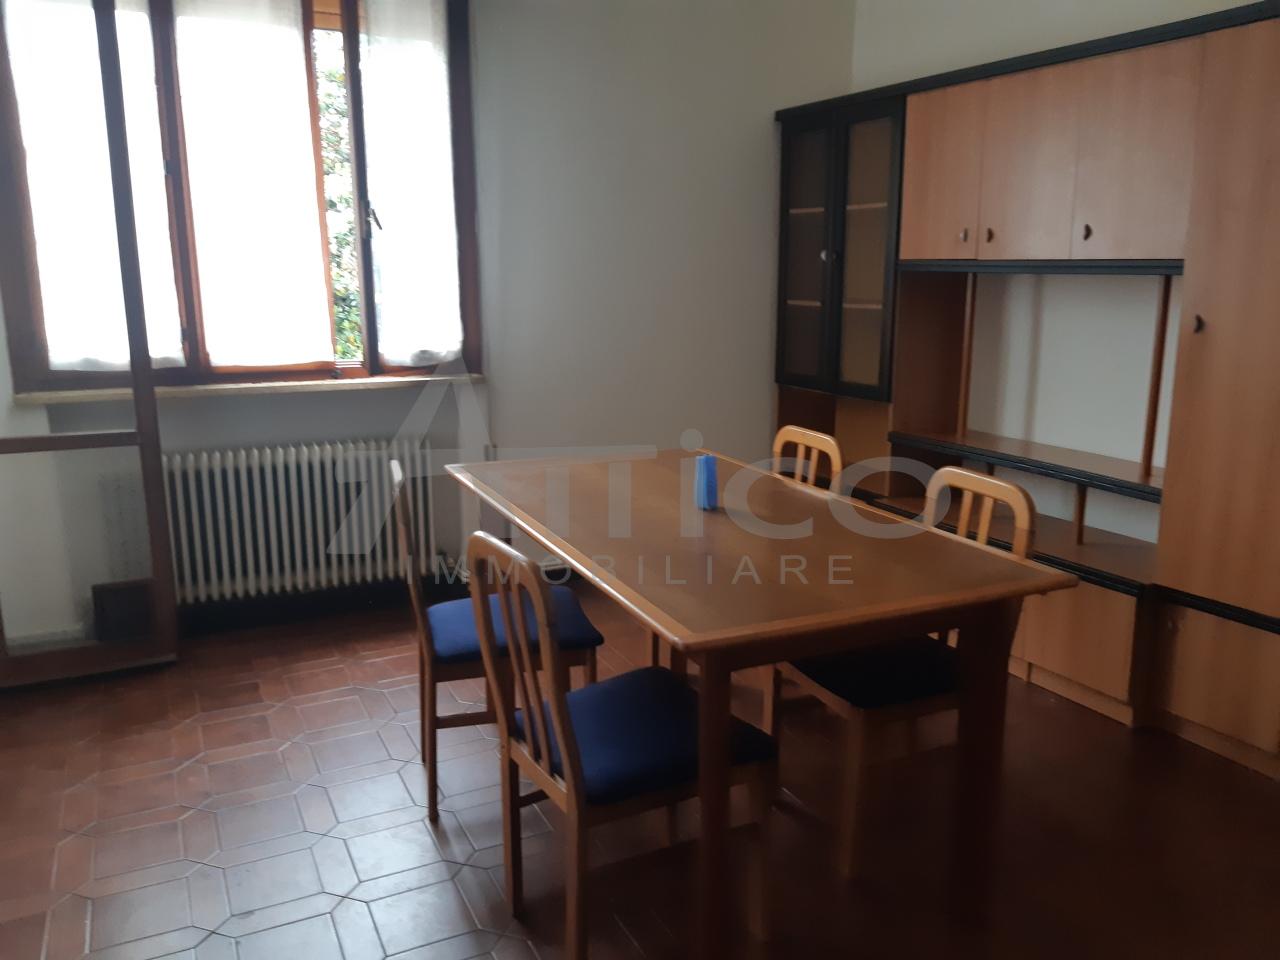 Appartamento in vendita a Rovigo, 5 locali, prezzo € 69.000 | CambioCasa.it